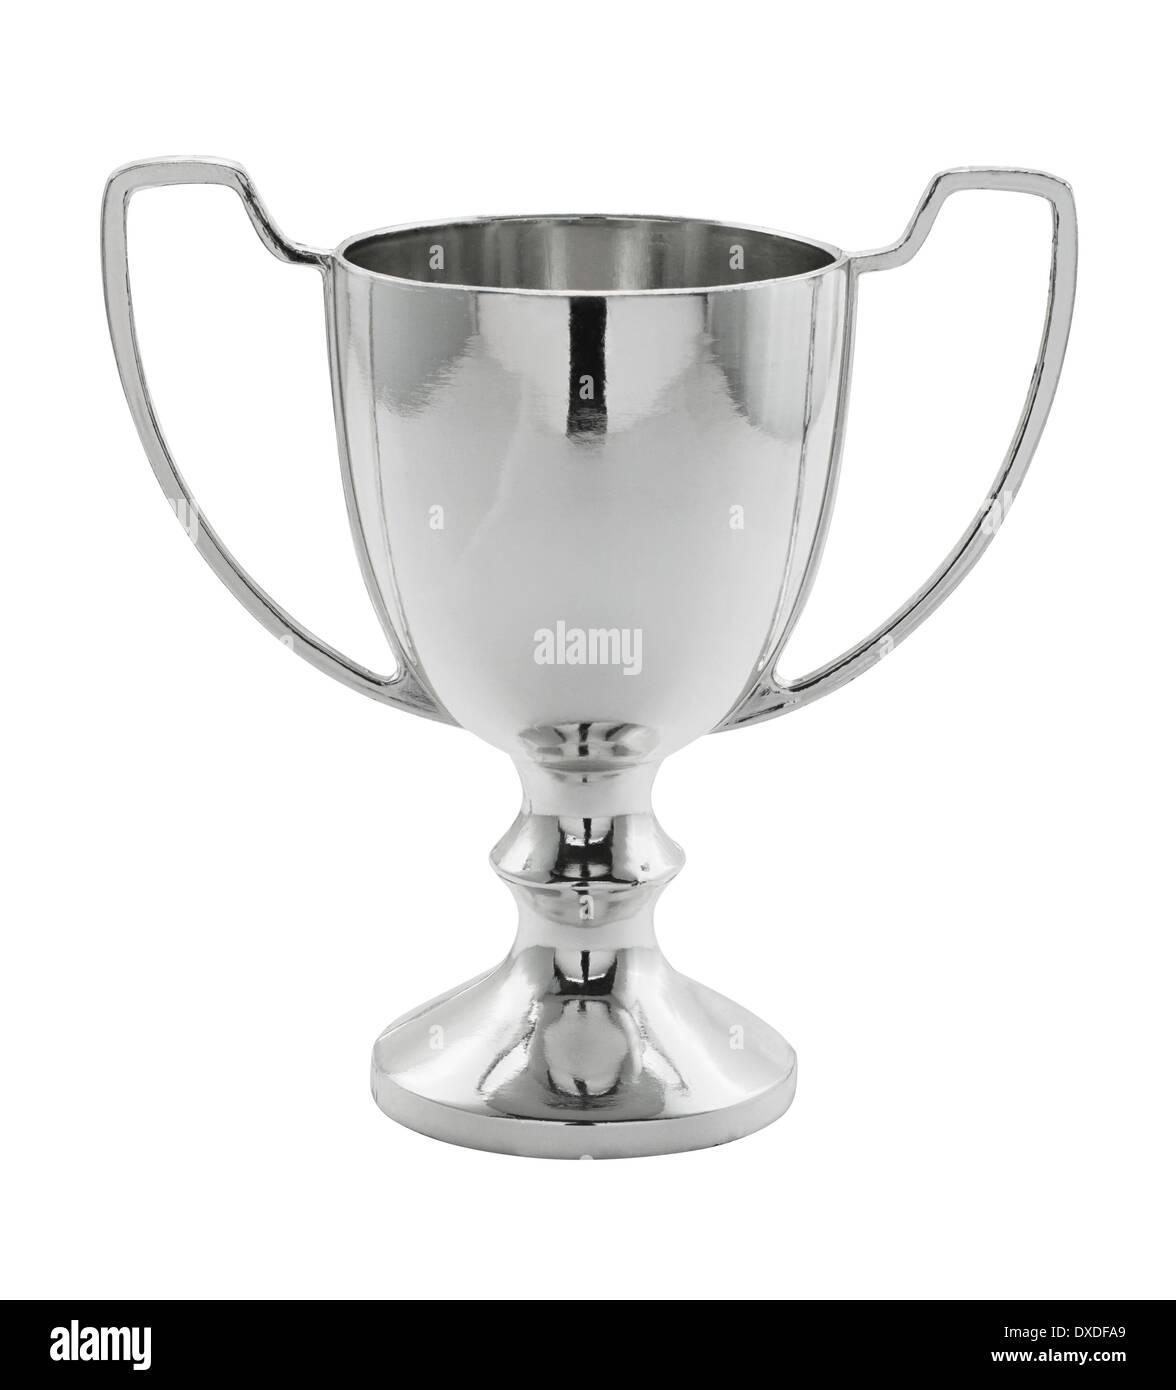 Silber gewann Trophäe isoliert tolles Konzept für Leistung, Erfolg oder ersten Platz bei einem Wettbewerb. Stockbild